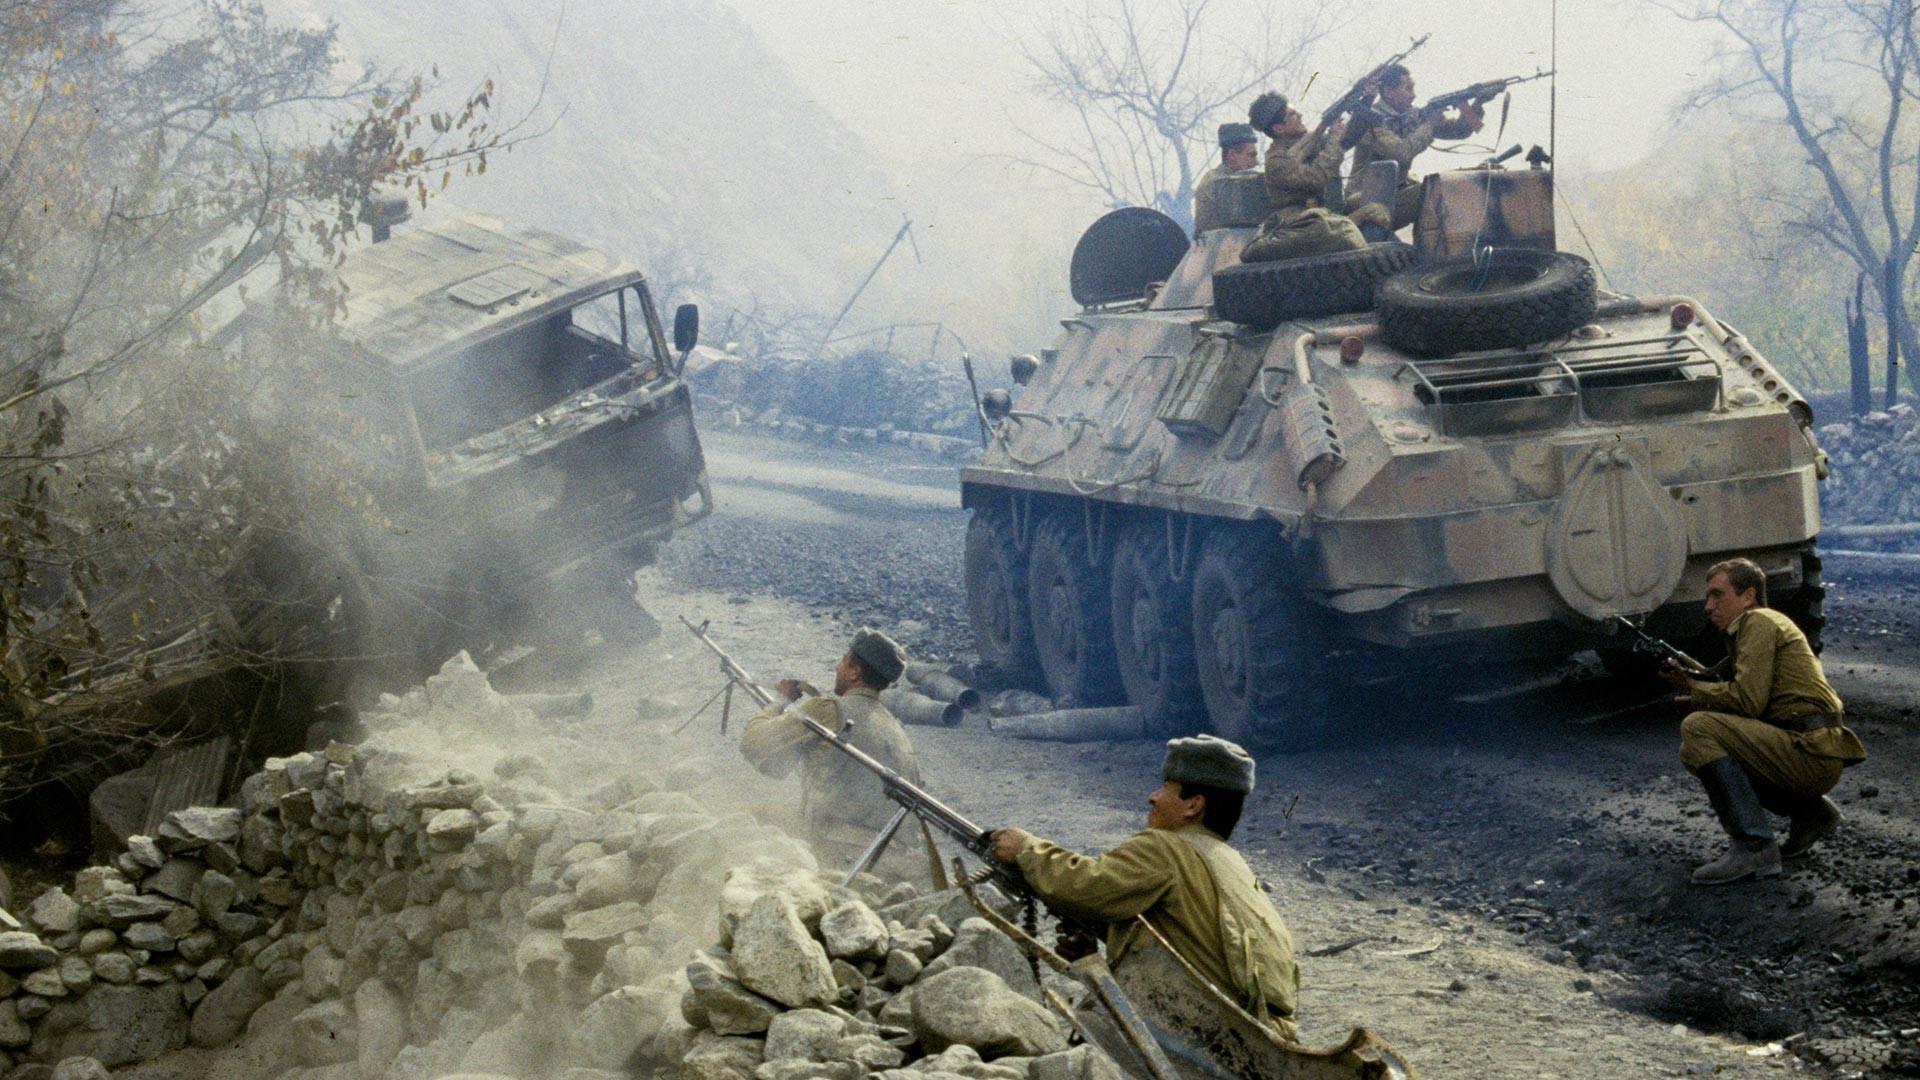 Борбе на путу. Демократска Република Авганистан.